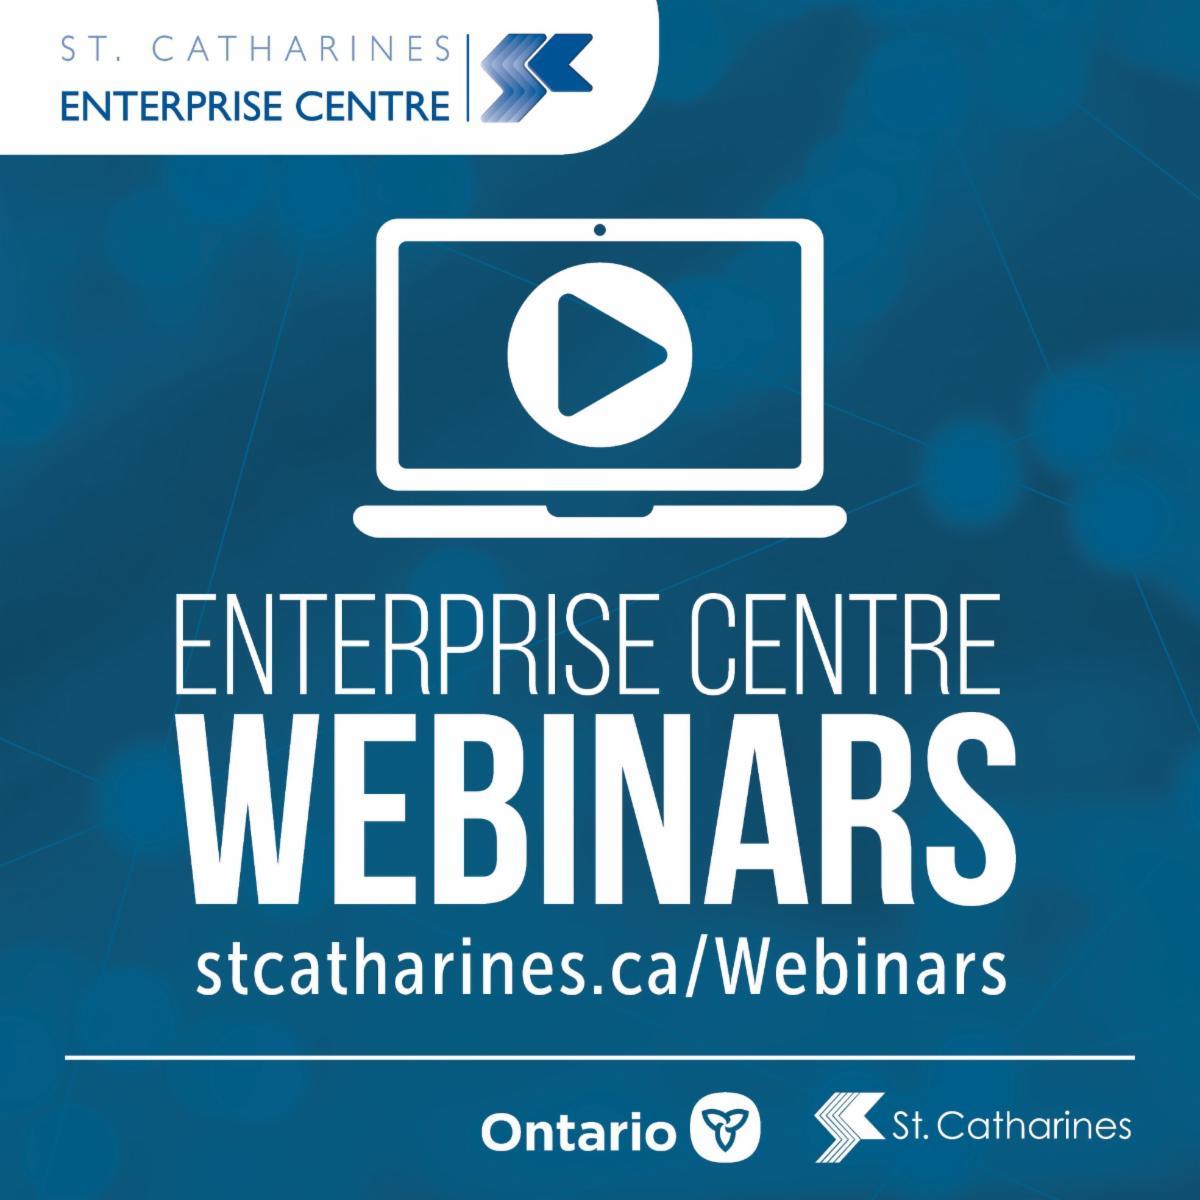 St. Catharines Enterprise Centre Webinars